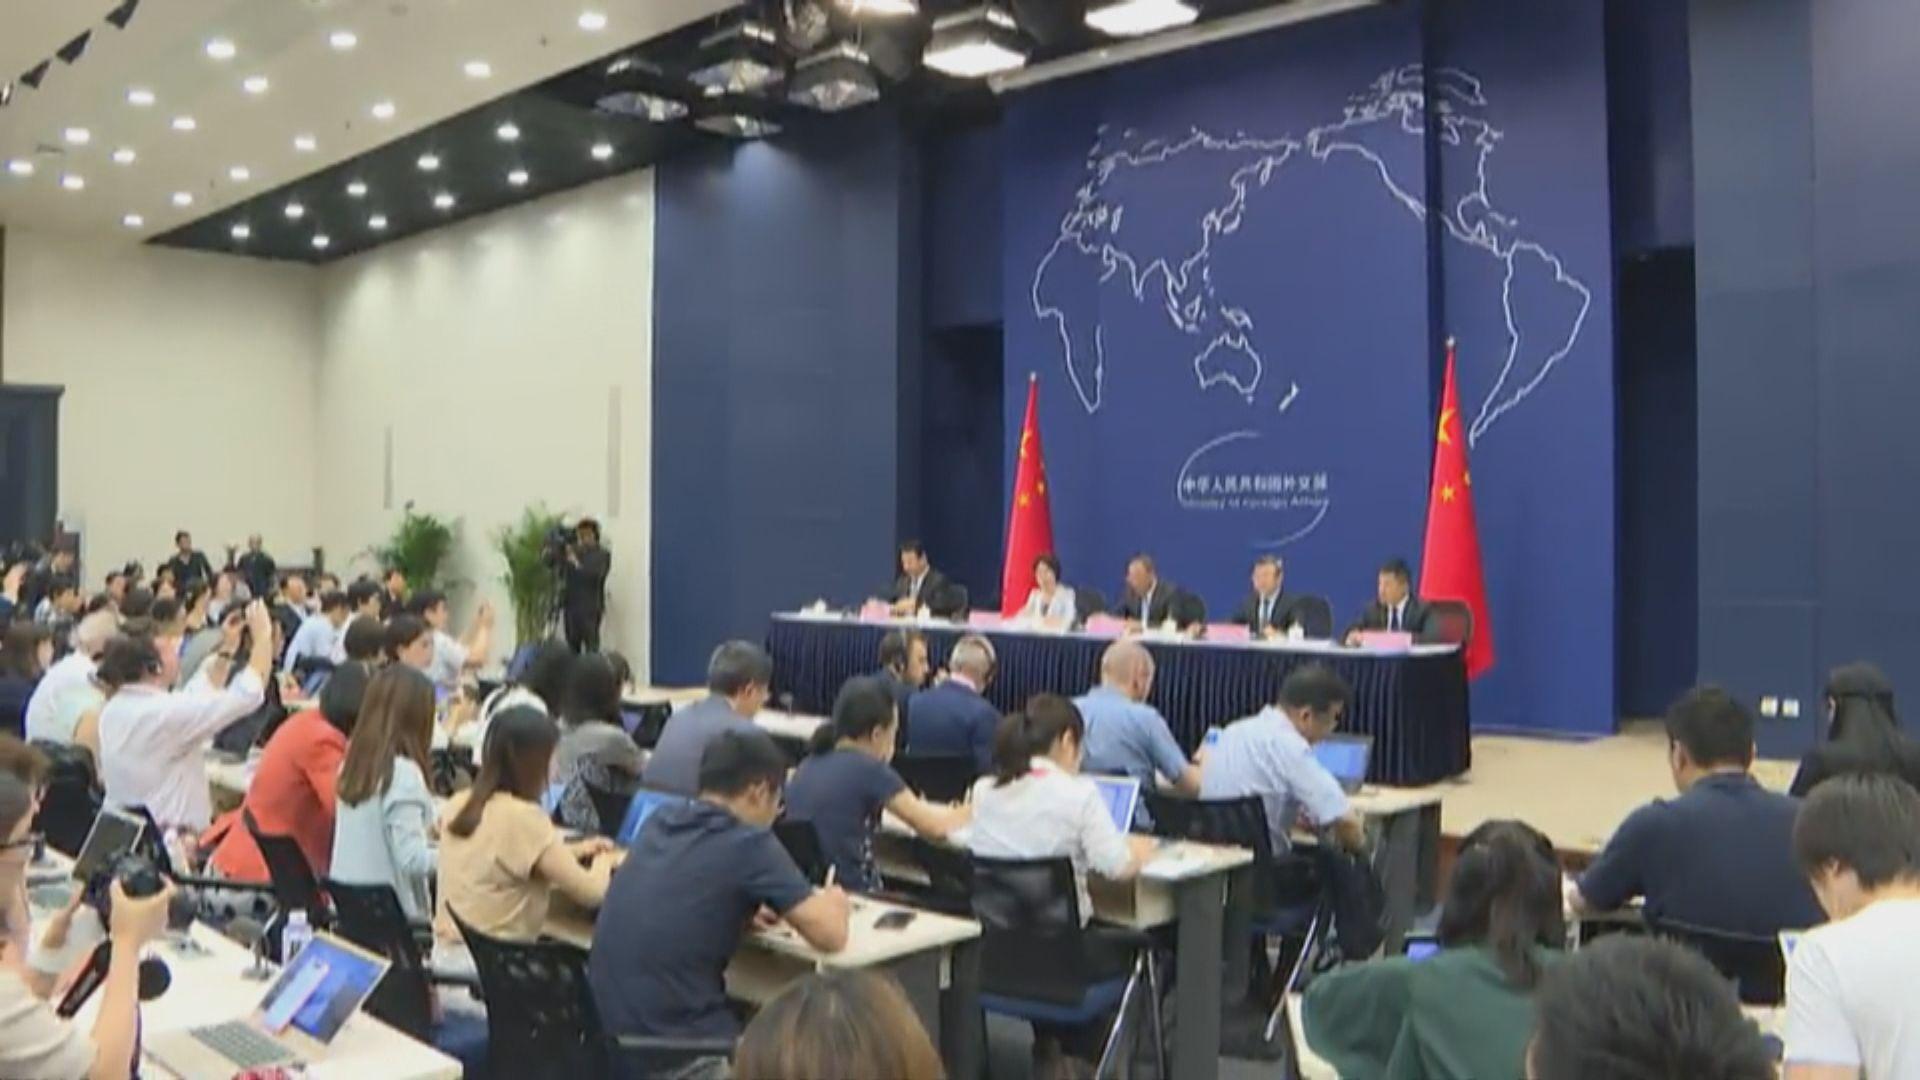 商務部:中美雙方經貿團隊正磋商